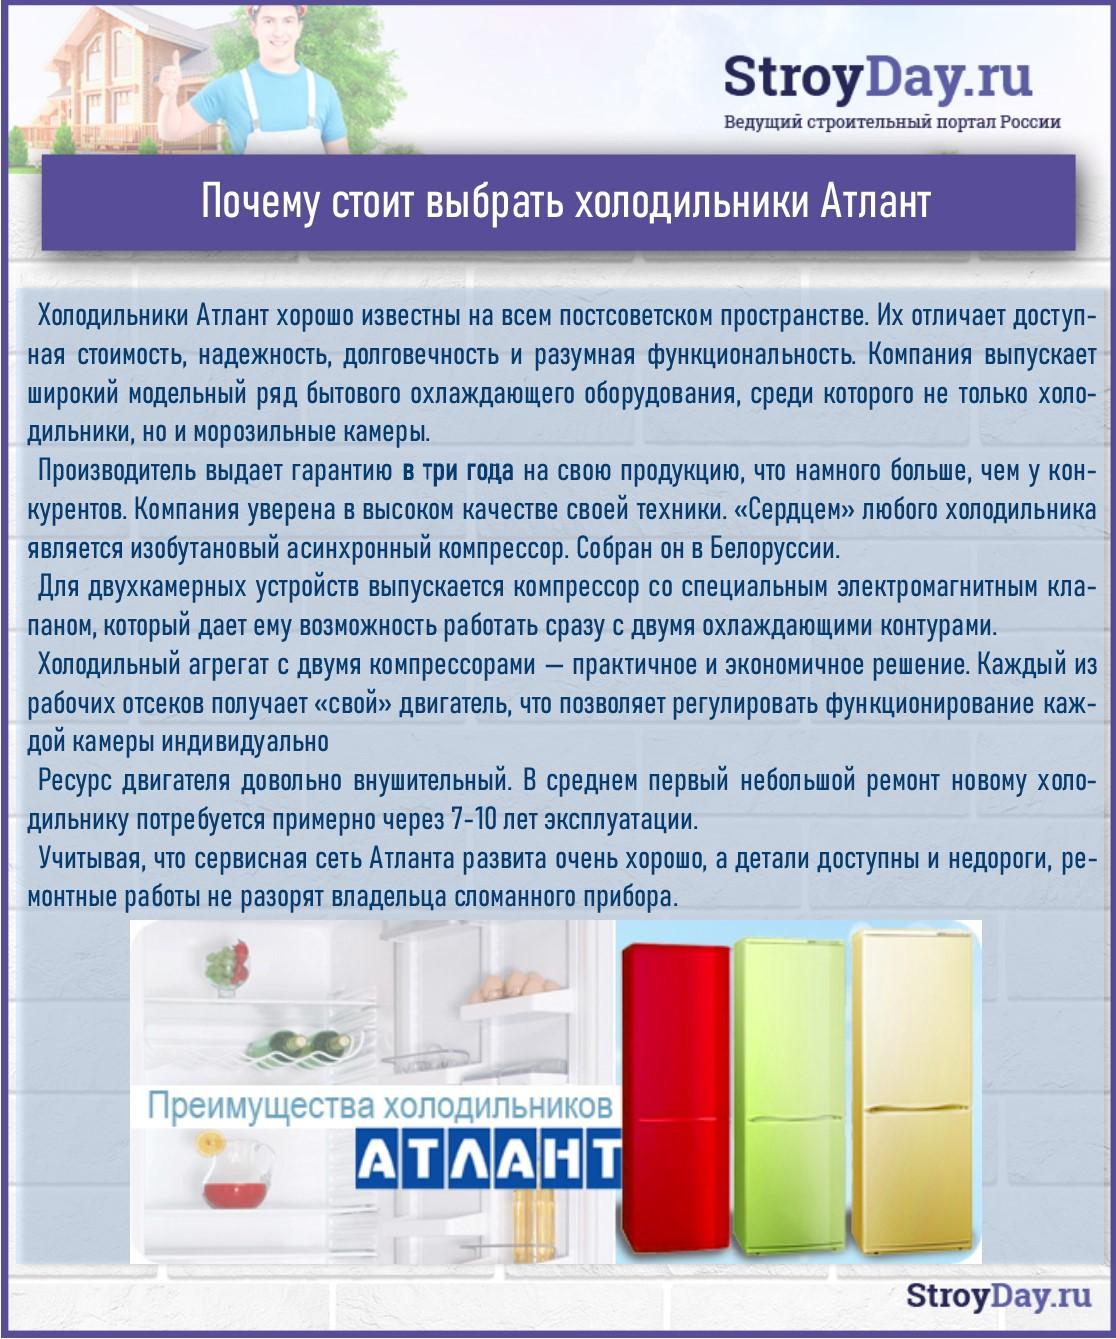 Холодильники атлант: лучшие модели, технические решения и модельный ряд